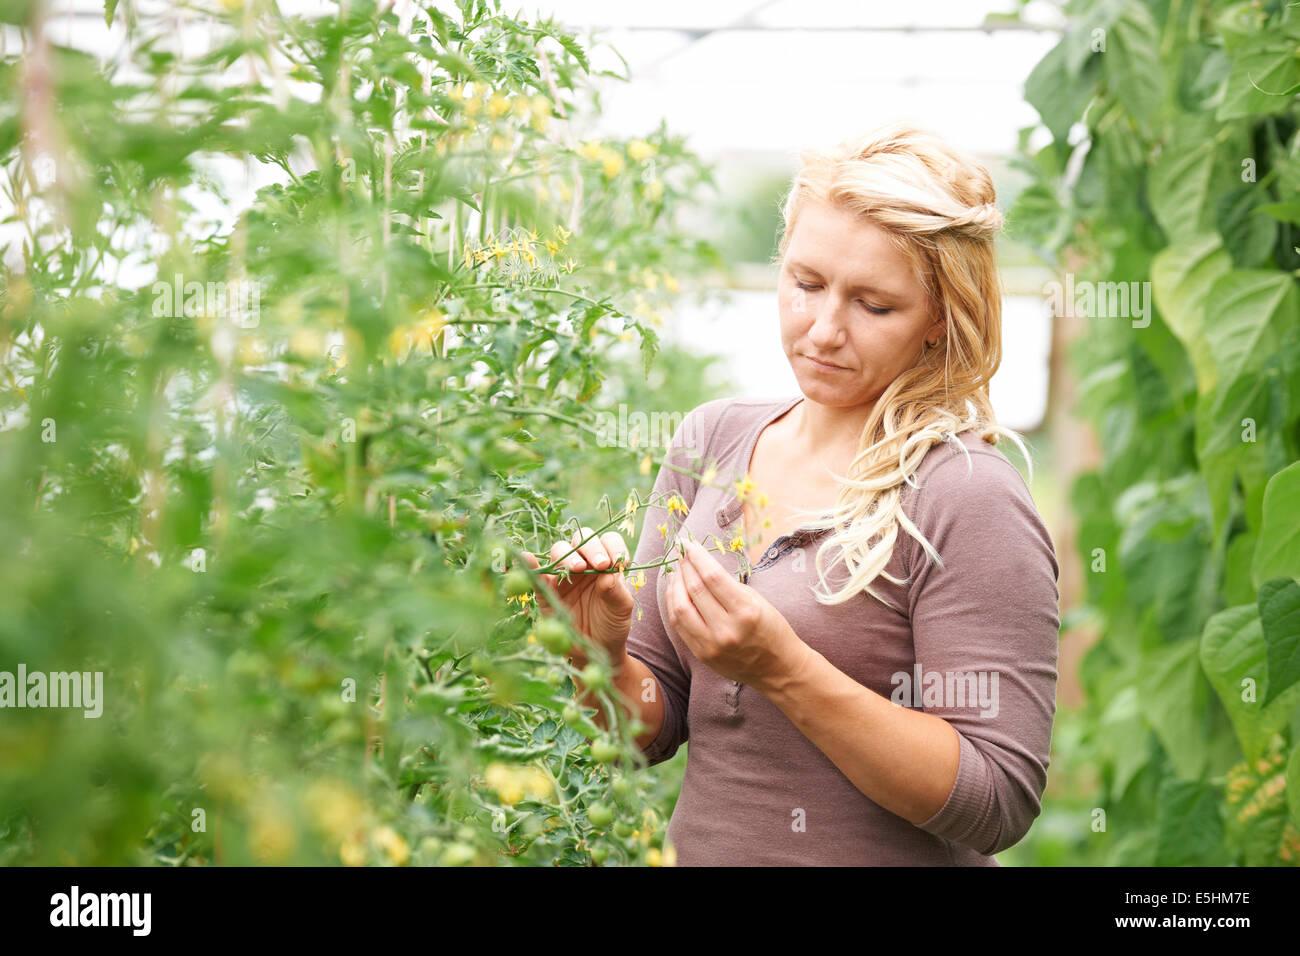 L'ouvrier agricole dans les émissions de contrôler les plants de tomates Photo Stock